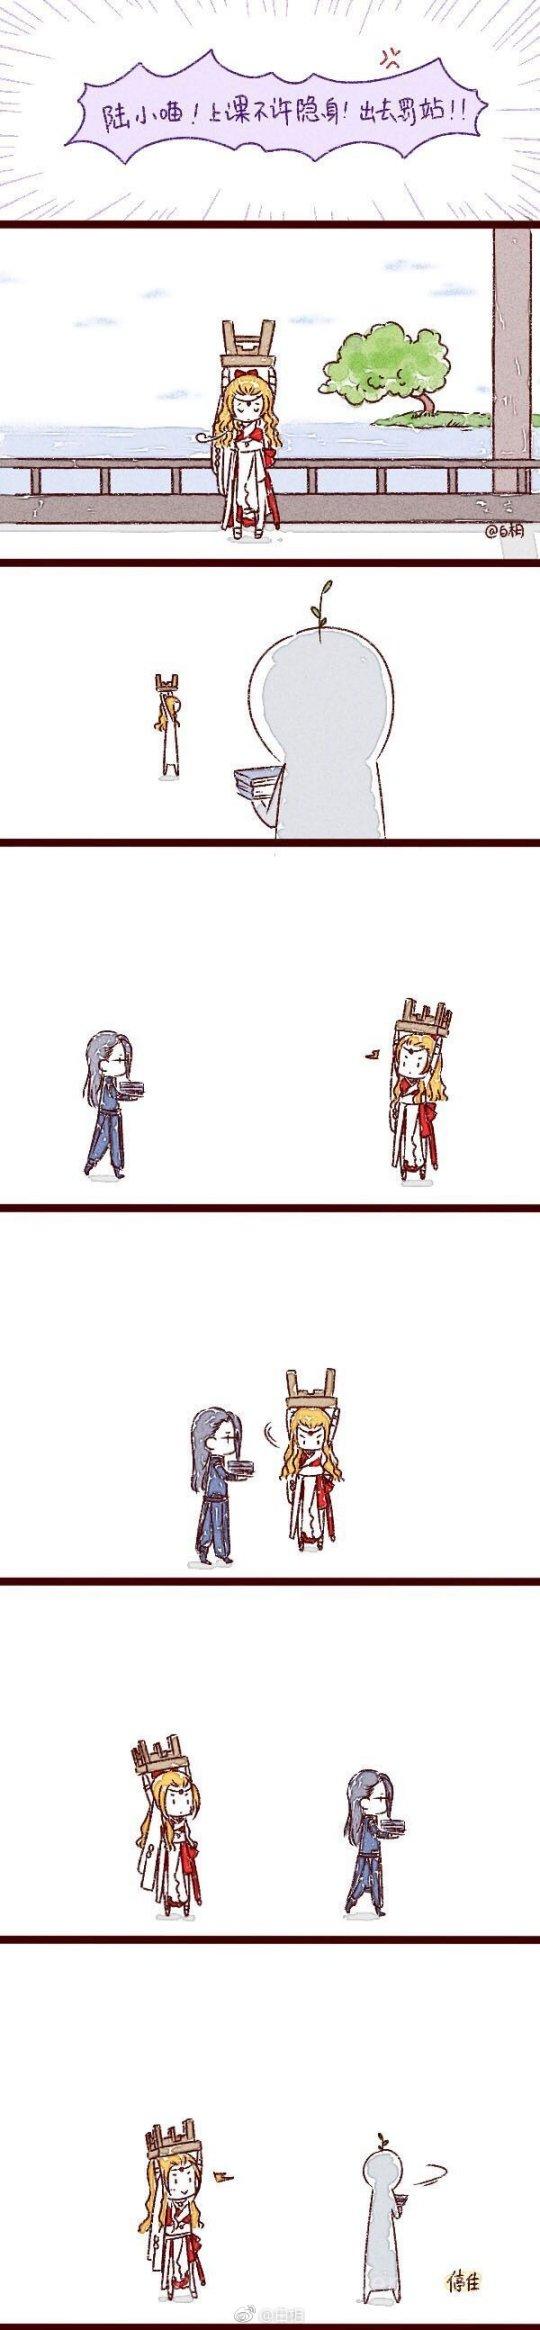 剑网同人 (1).jpg